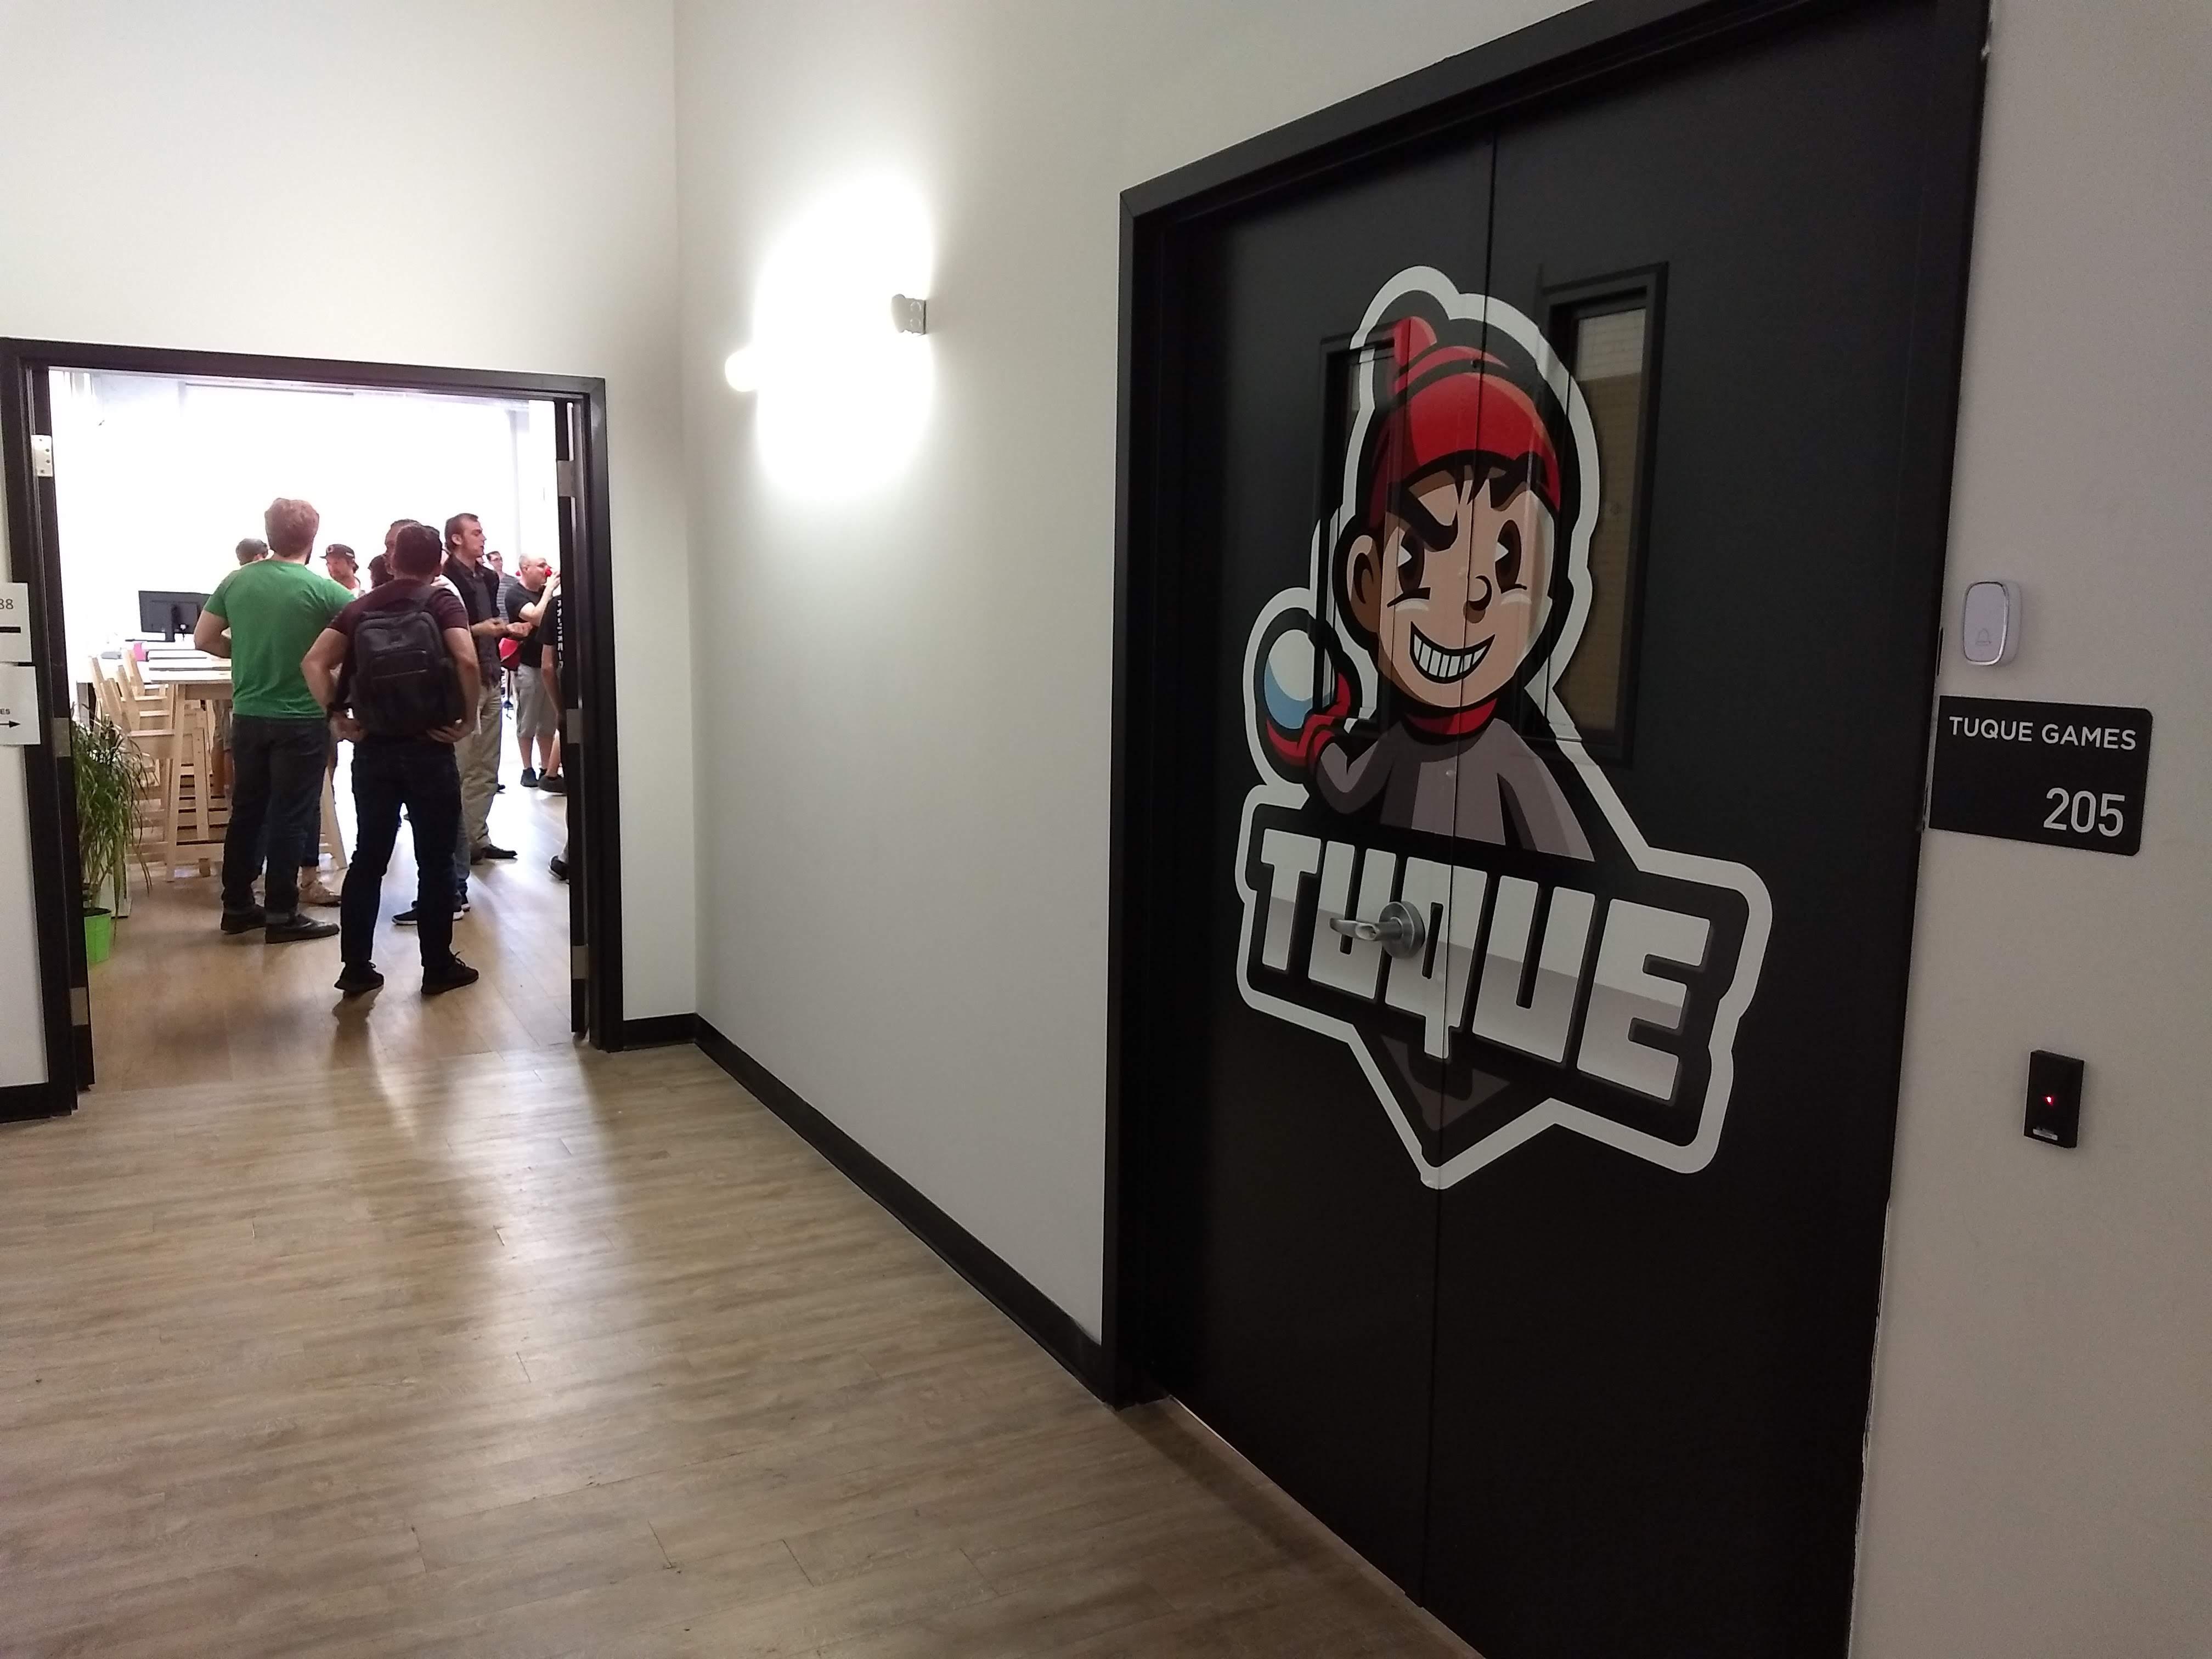 Bureaux Tuque Games